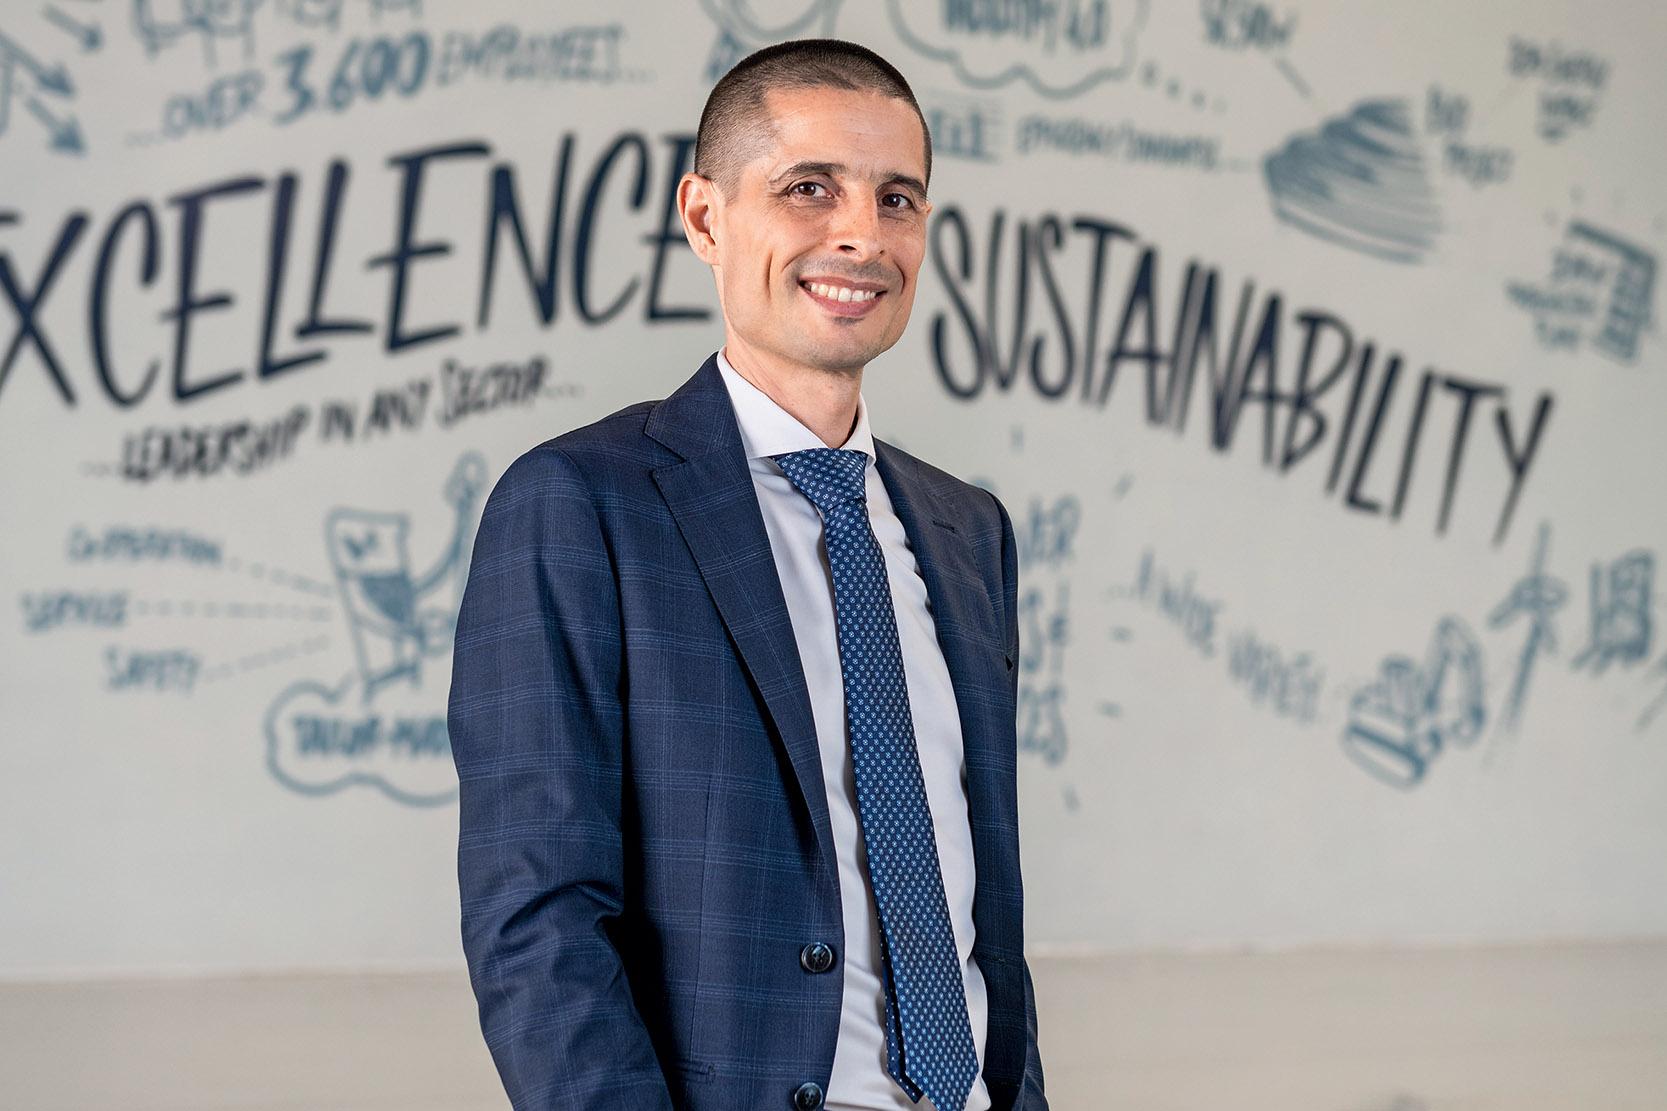 Andrea Genuini, General Manager of Bonfiglioli